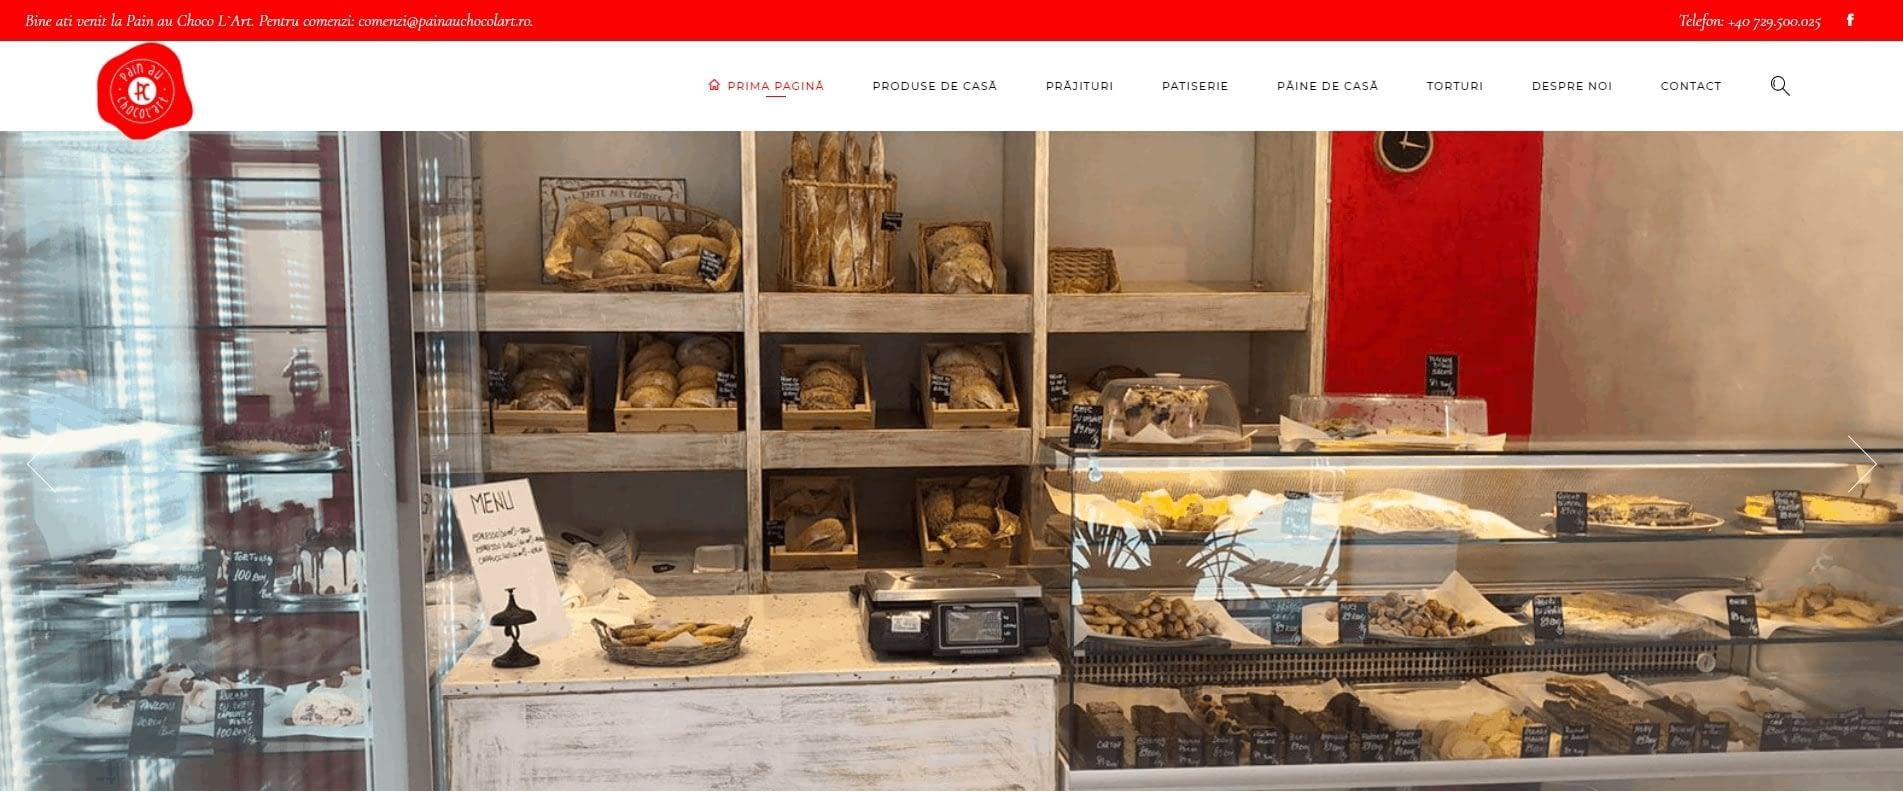 Site de prezentare food